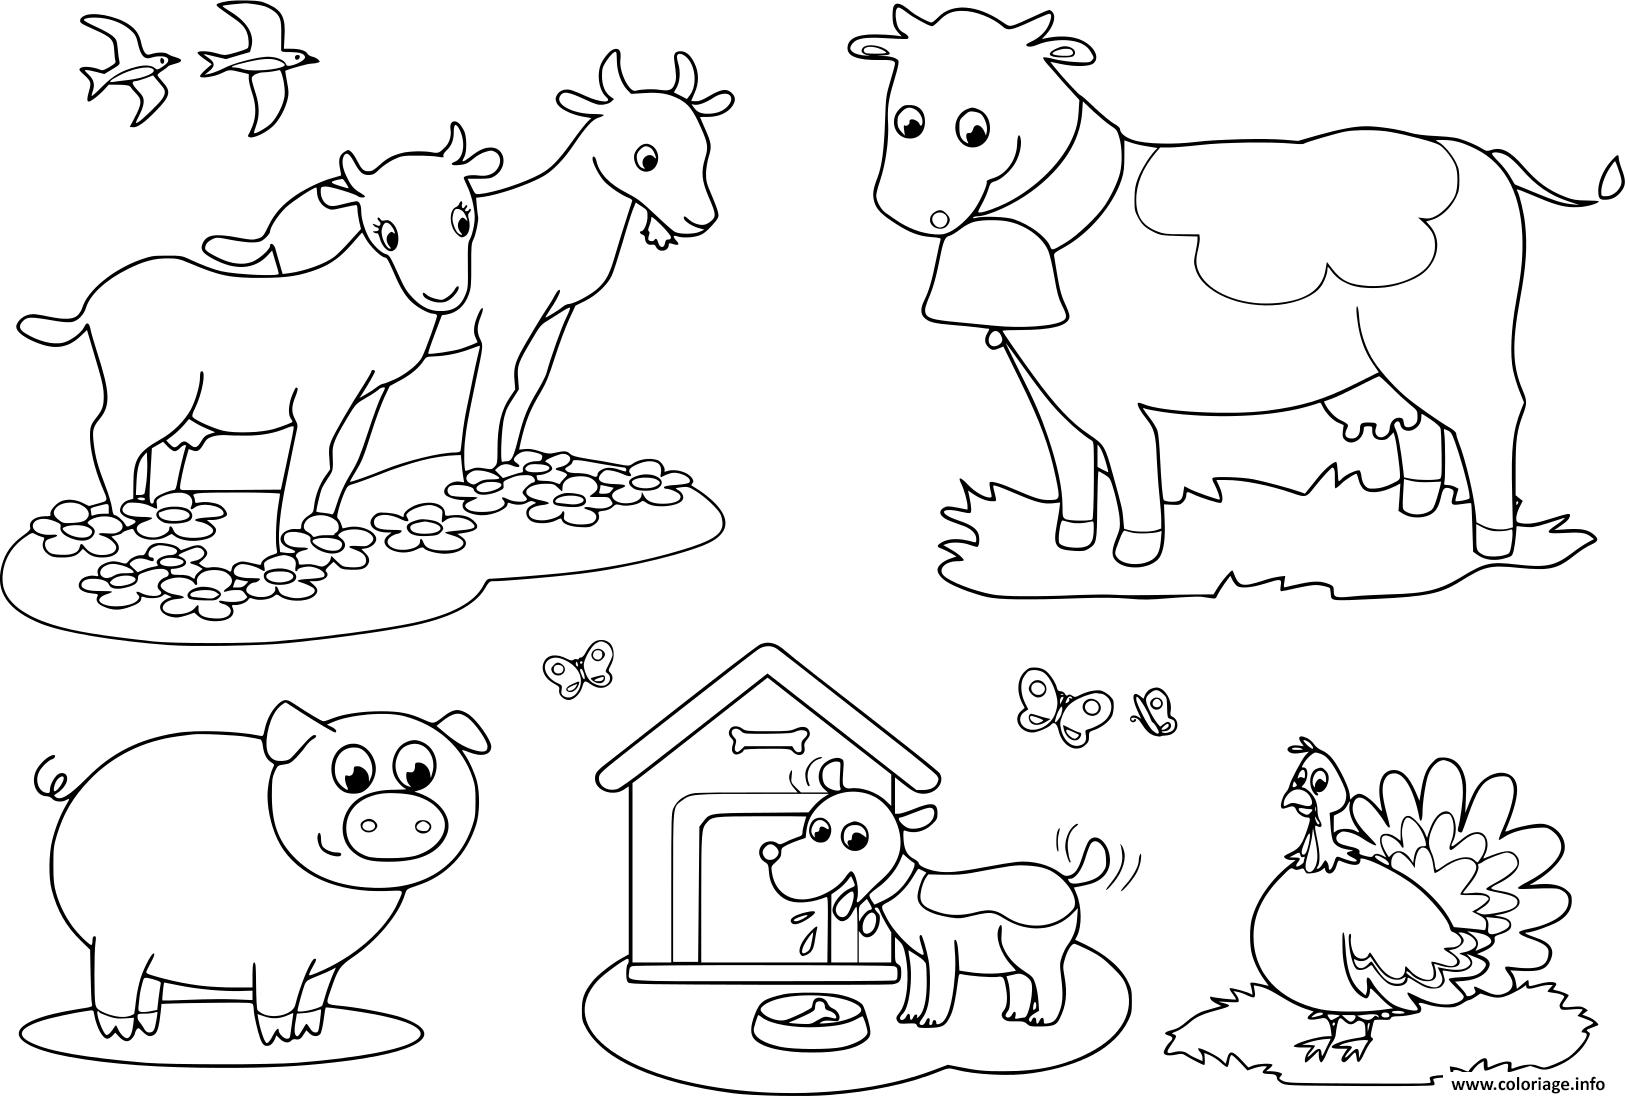 Dessin animaux de la ferme pour les enfants de chevre vache cochon dindon le chien et avale Coloriage Gratuit à Imprimer